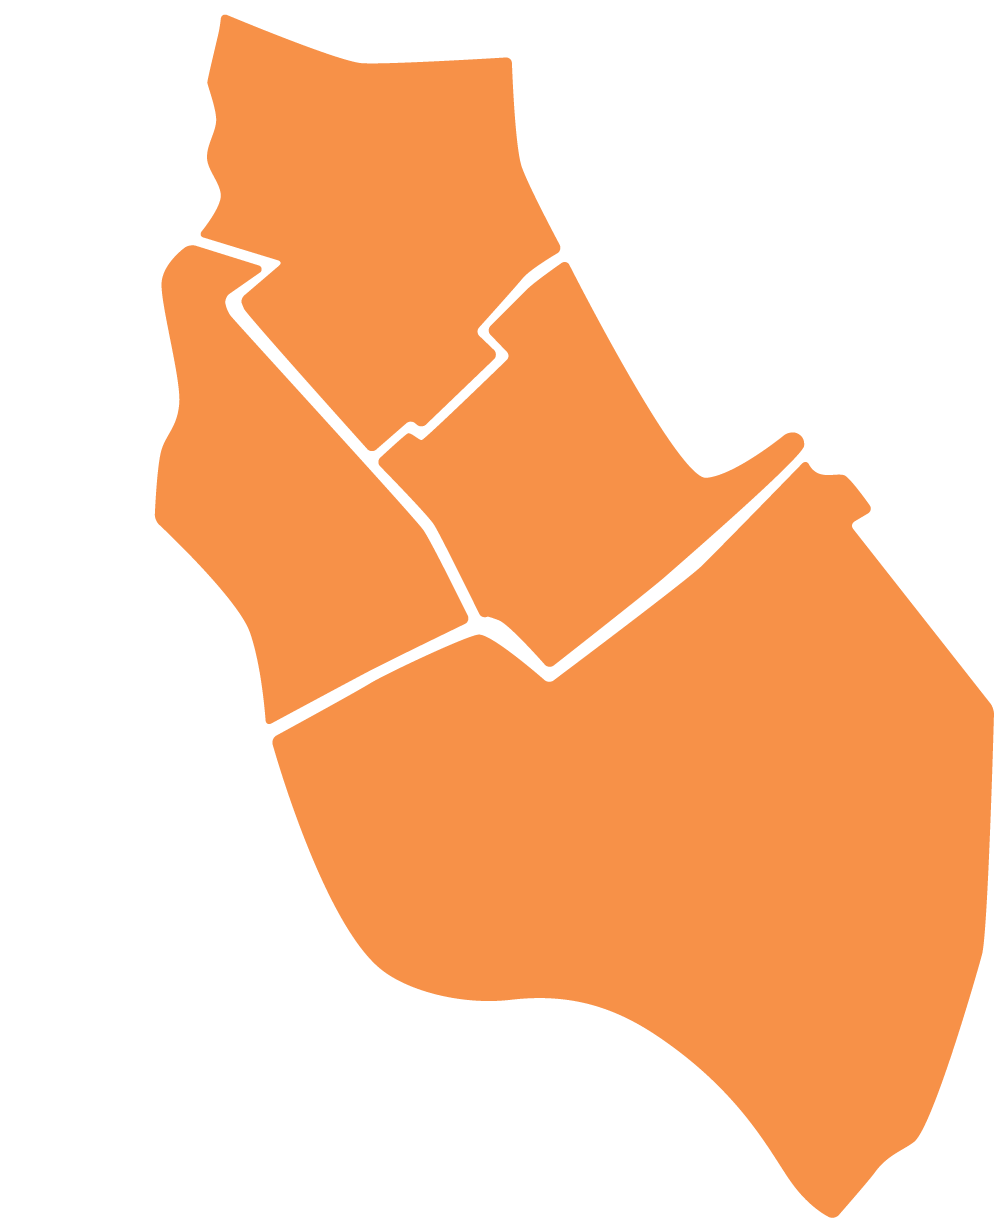 Kaart van Leiderdorp